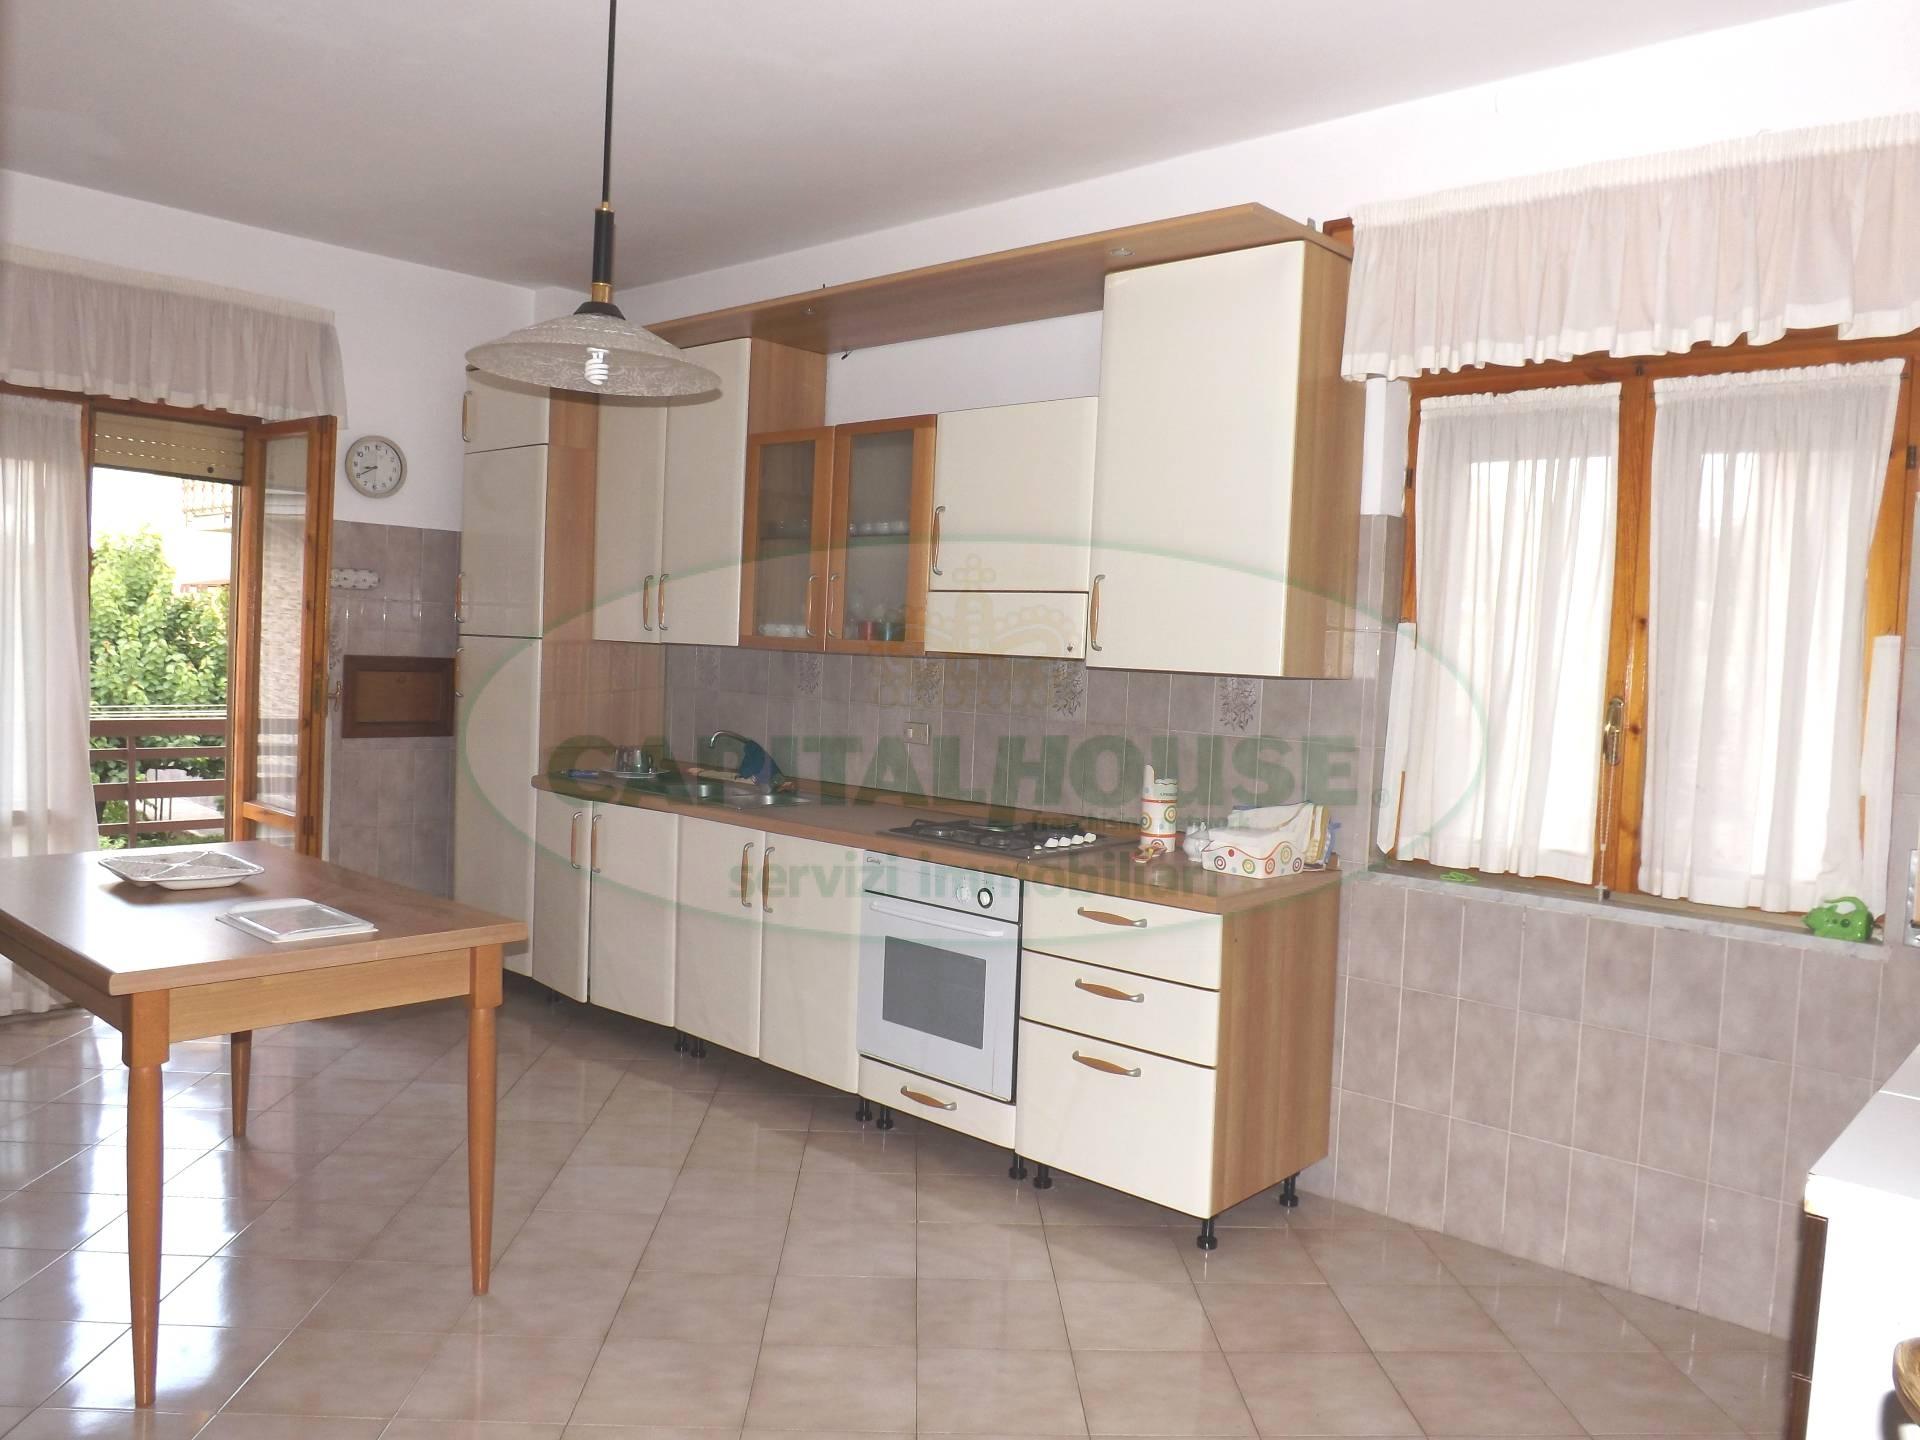 Appartamento in vendita a Manocalzati, 3 locali, prezzo € 105.000   Cambio Casa.it